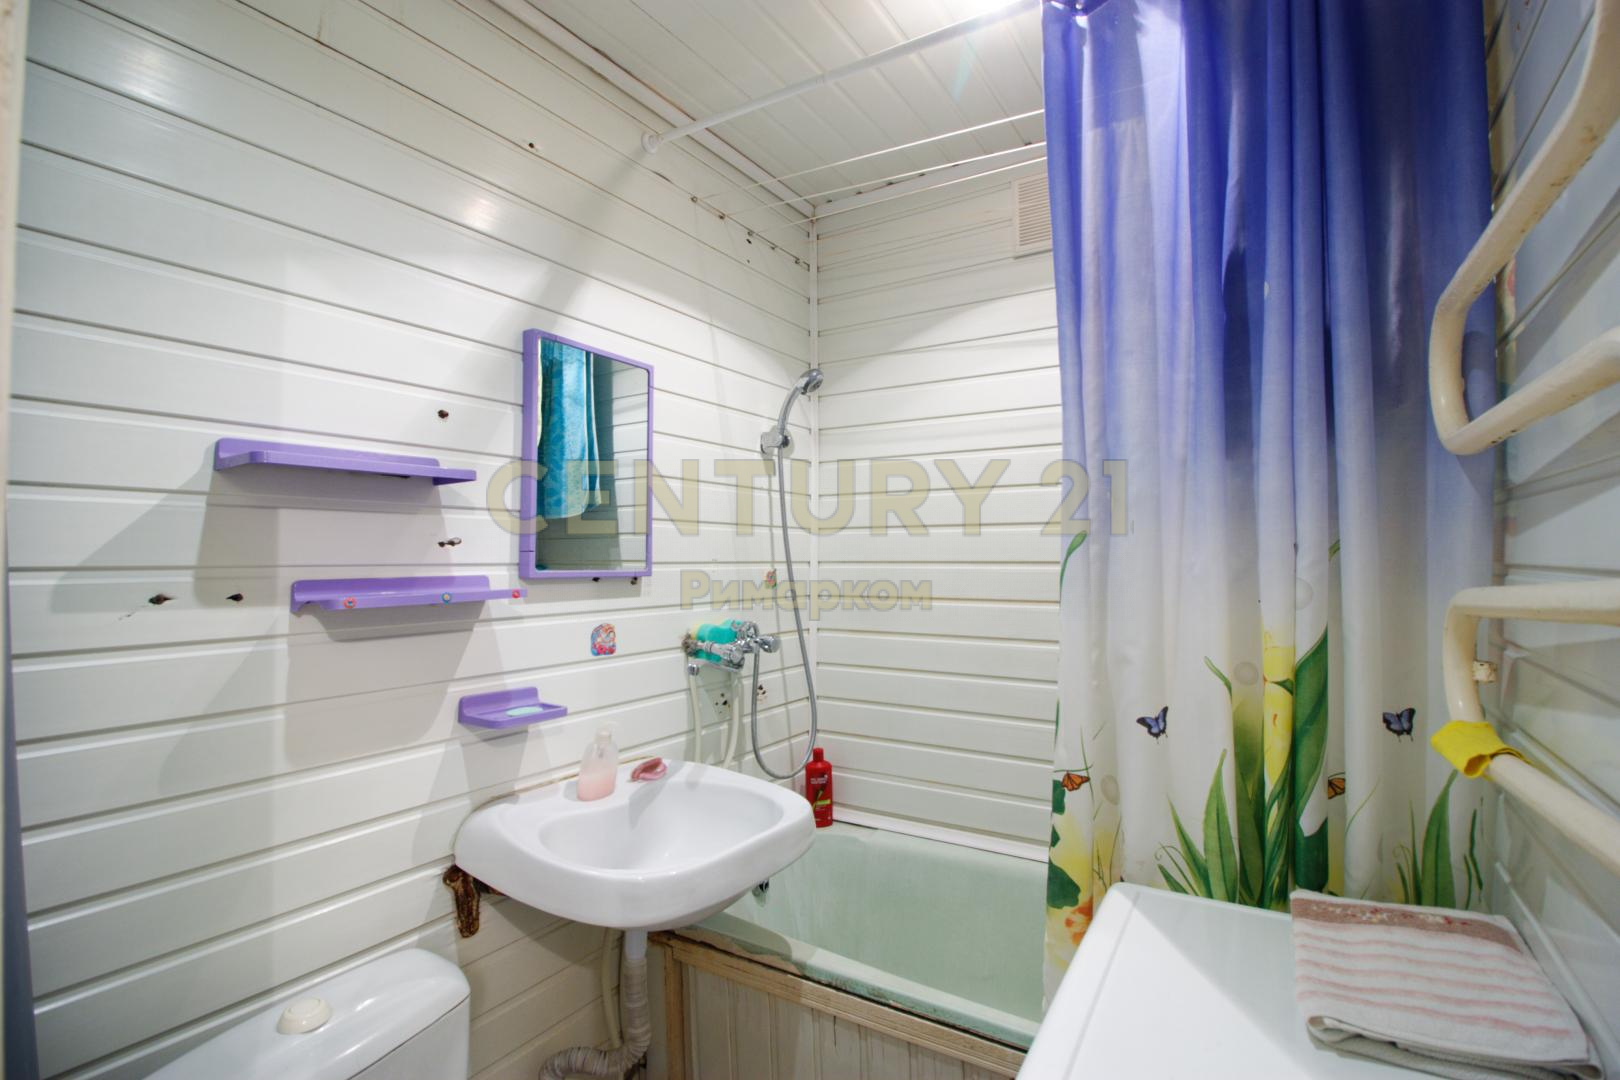 Продается двухкомнатная квартира за 2 740 000 рублей. Московская обл, г Чехов, ул Московская, д 86.